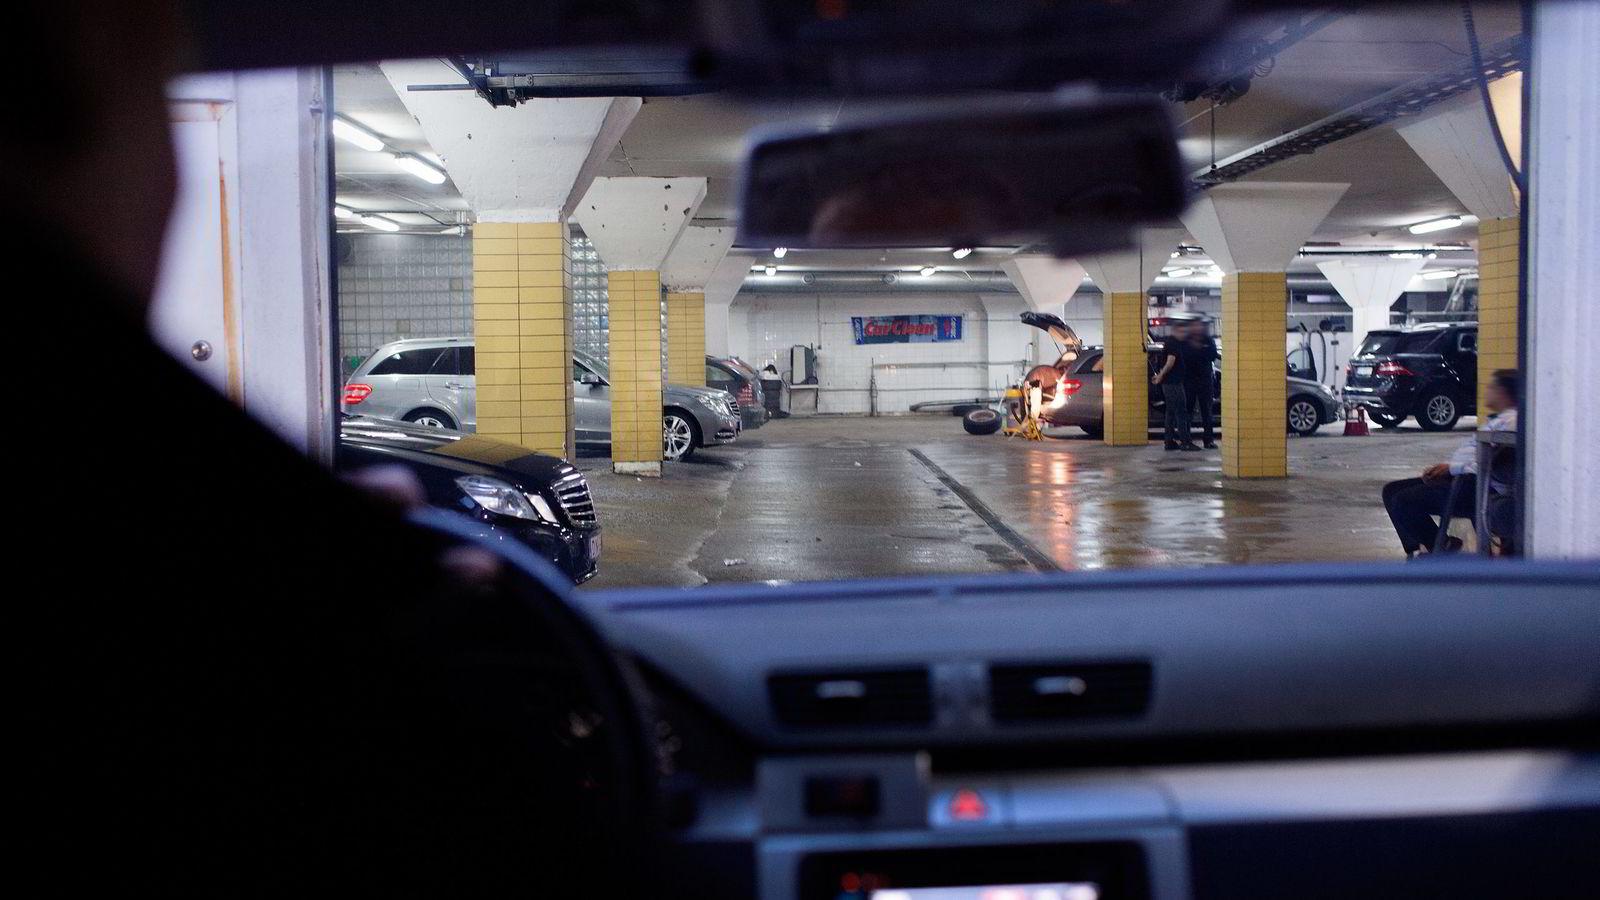 SJOKKEFFEKT. Stemningen i bilvaskehallen på Ensjø snur umiddelbart idet Arbeidstilsynet og politiet kjører inn porten. Bare noen uker etter forrige kontroll blir tre av seks vaskere bortvist fra stedet. Alle foto: Brian Cliff Olguin